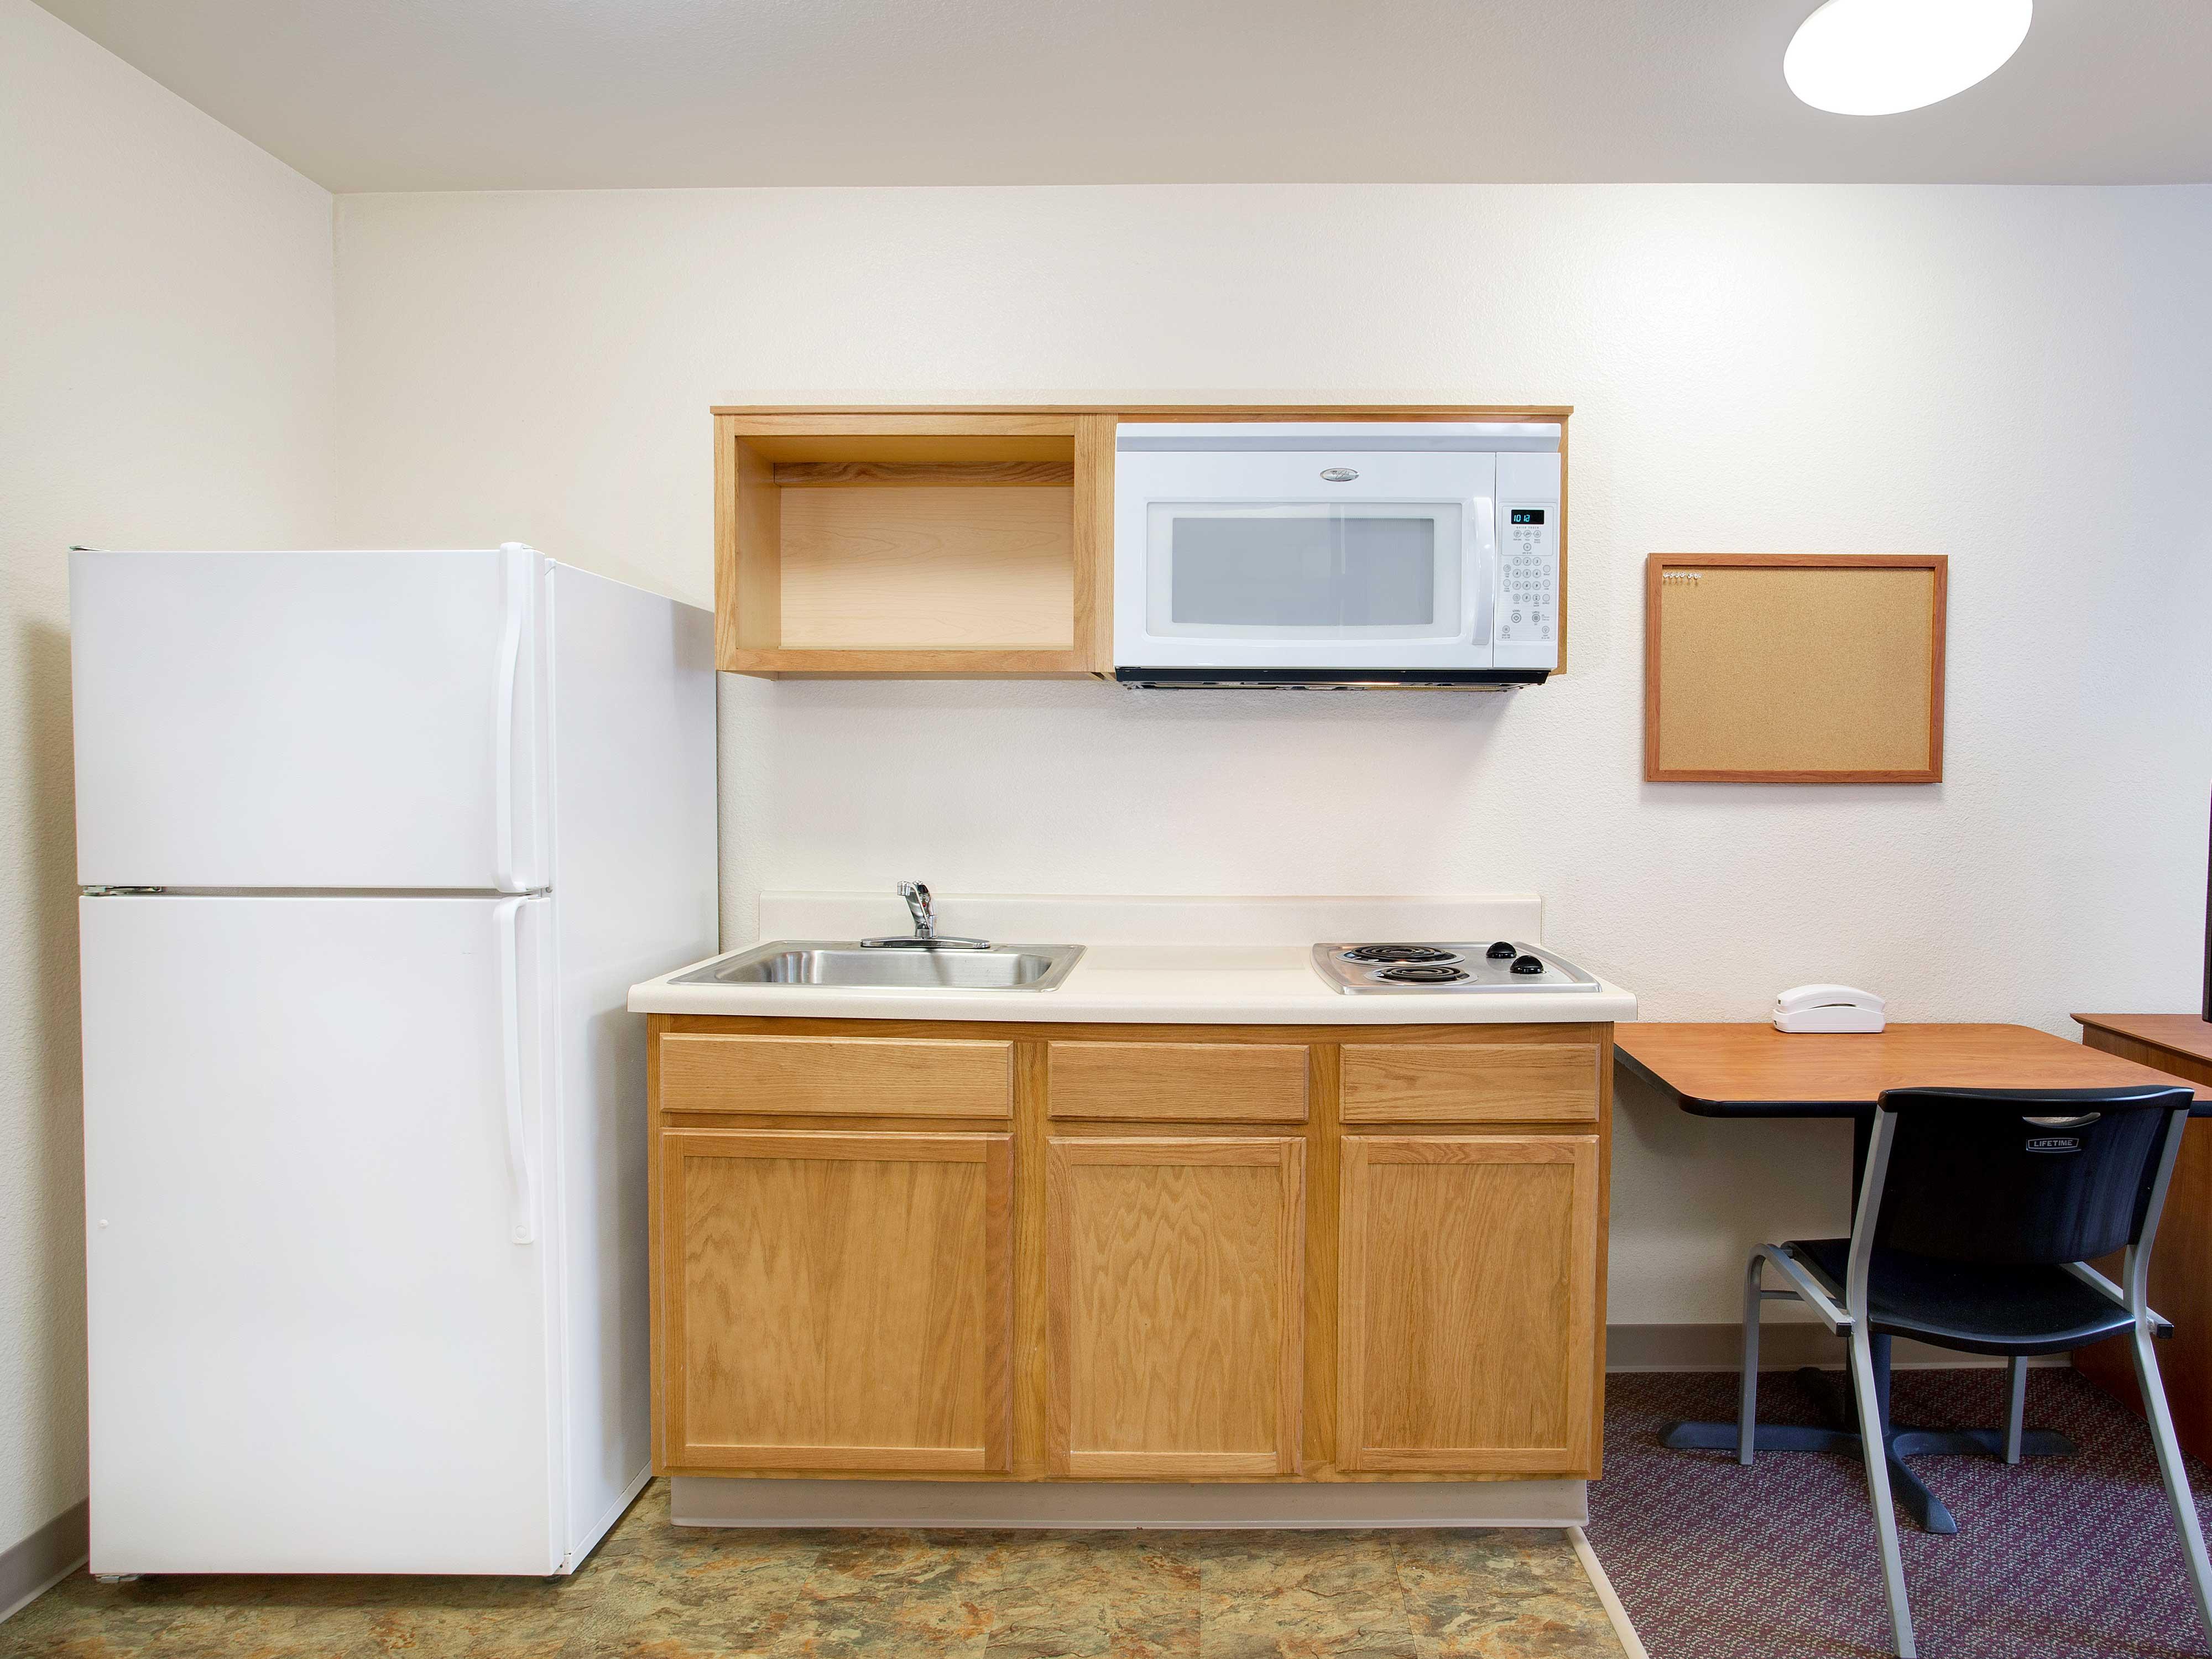 WoodSpring Suites Asheville image 18